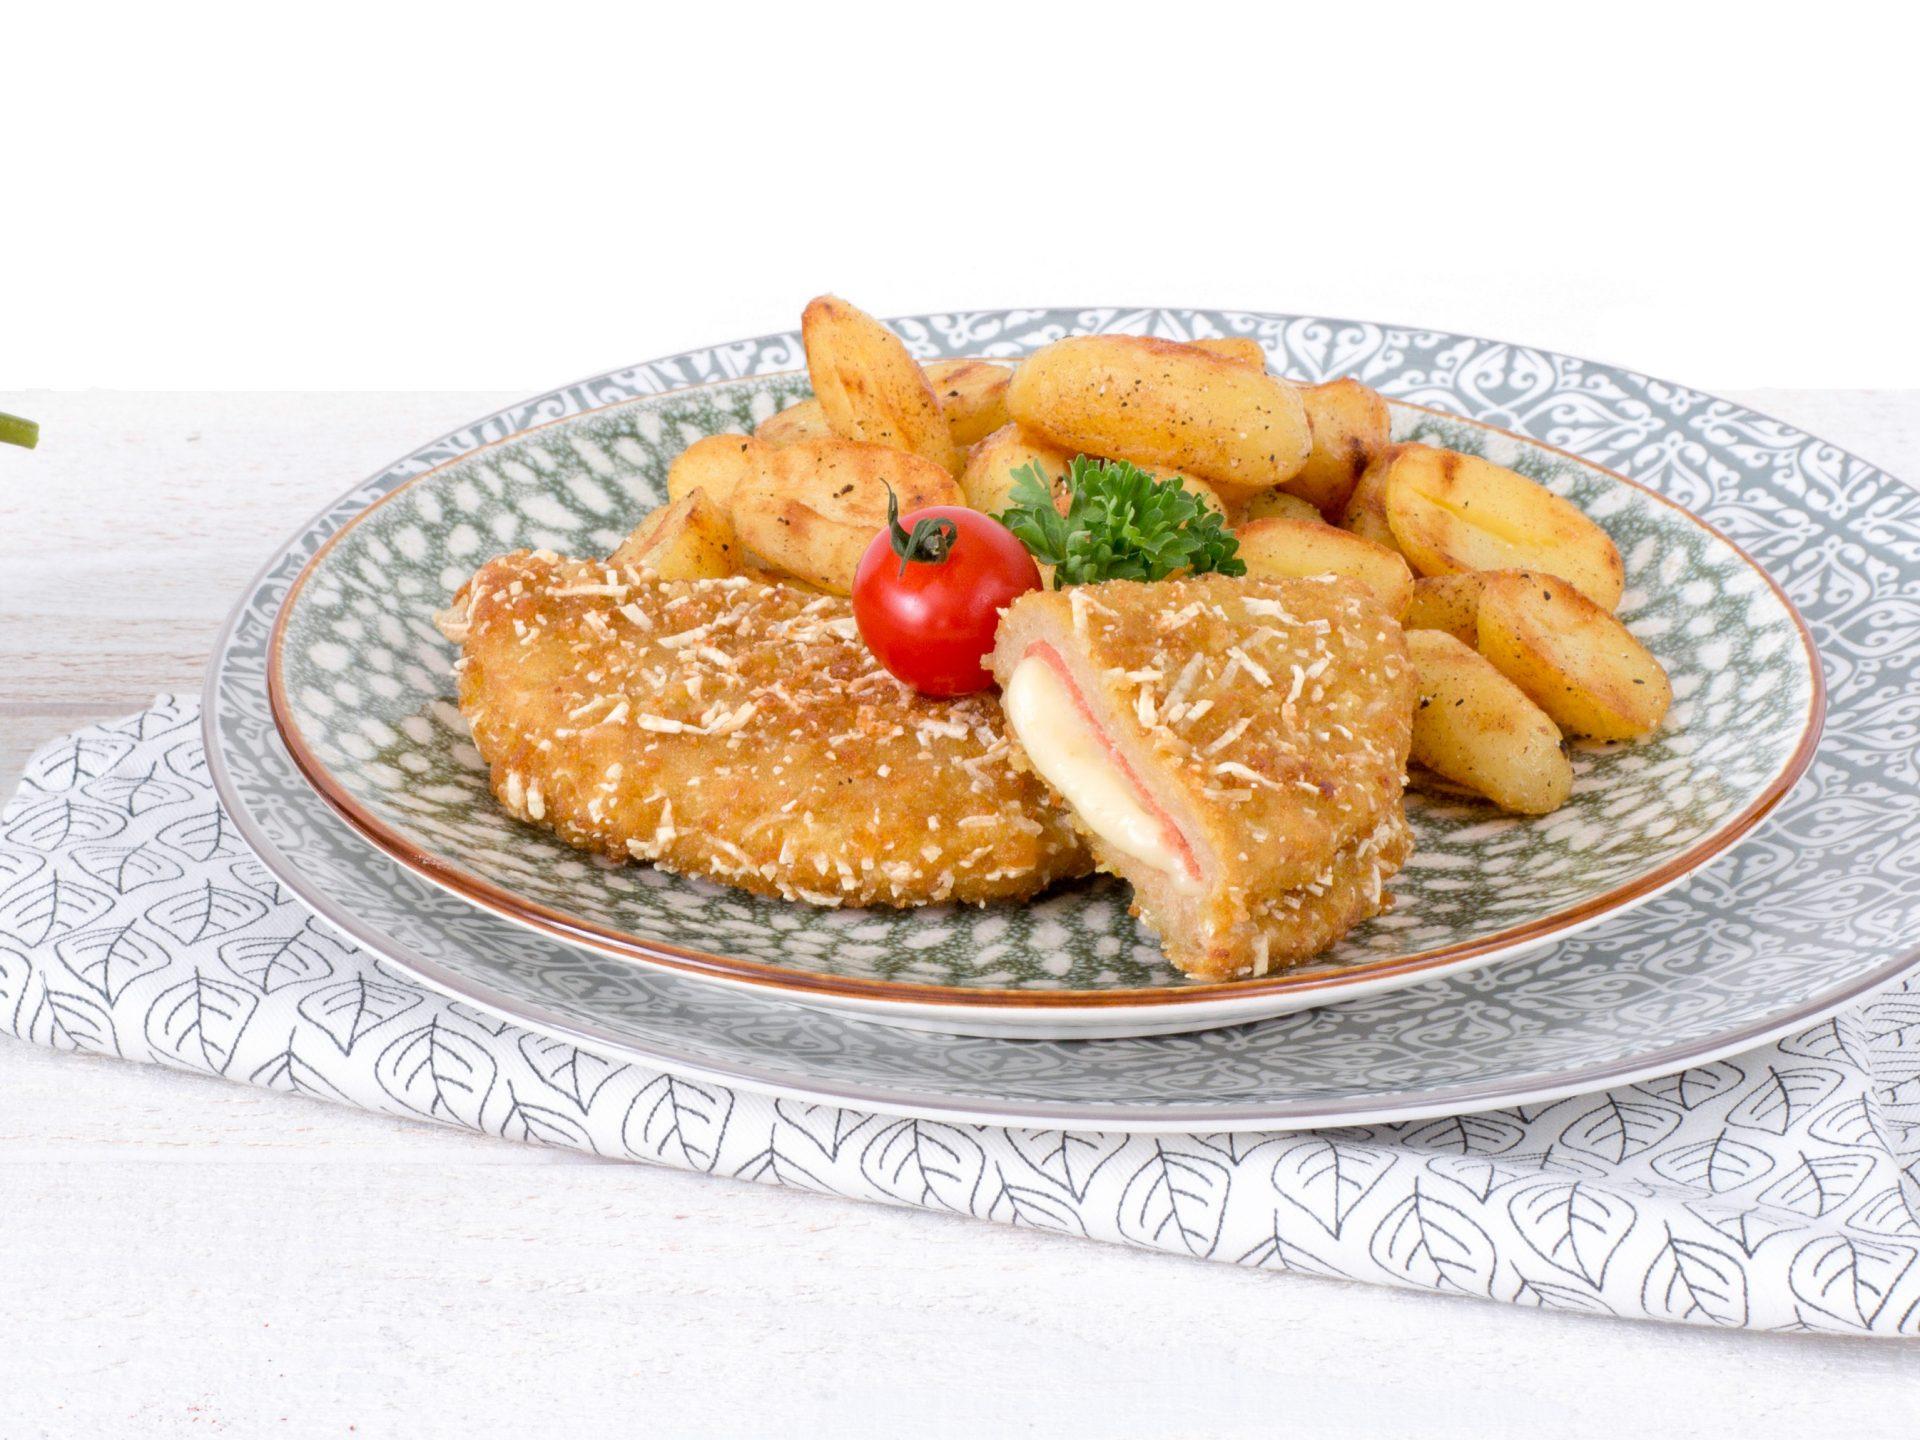 Fleischersatz: vegetarische Cordon-Bleu